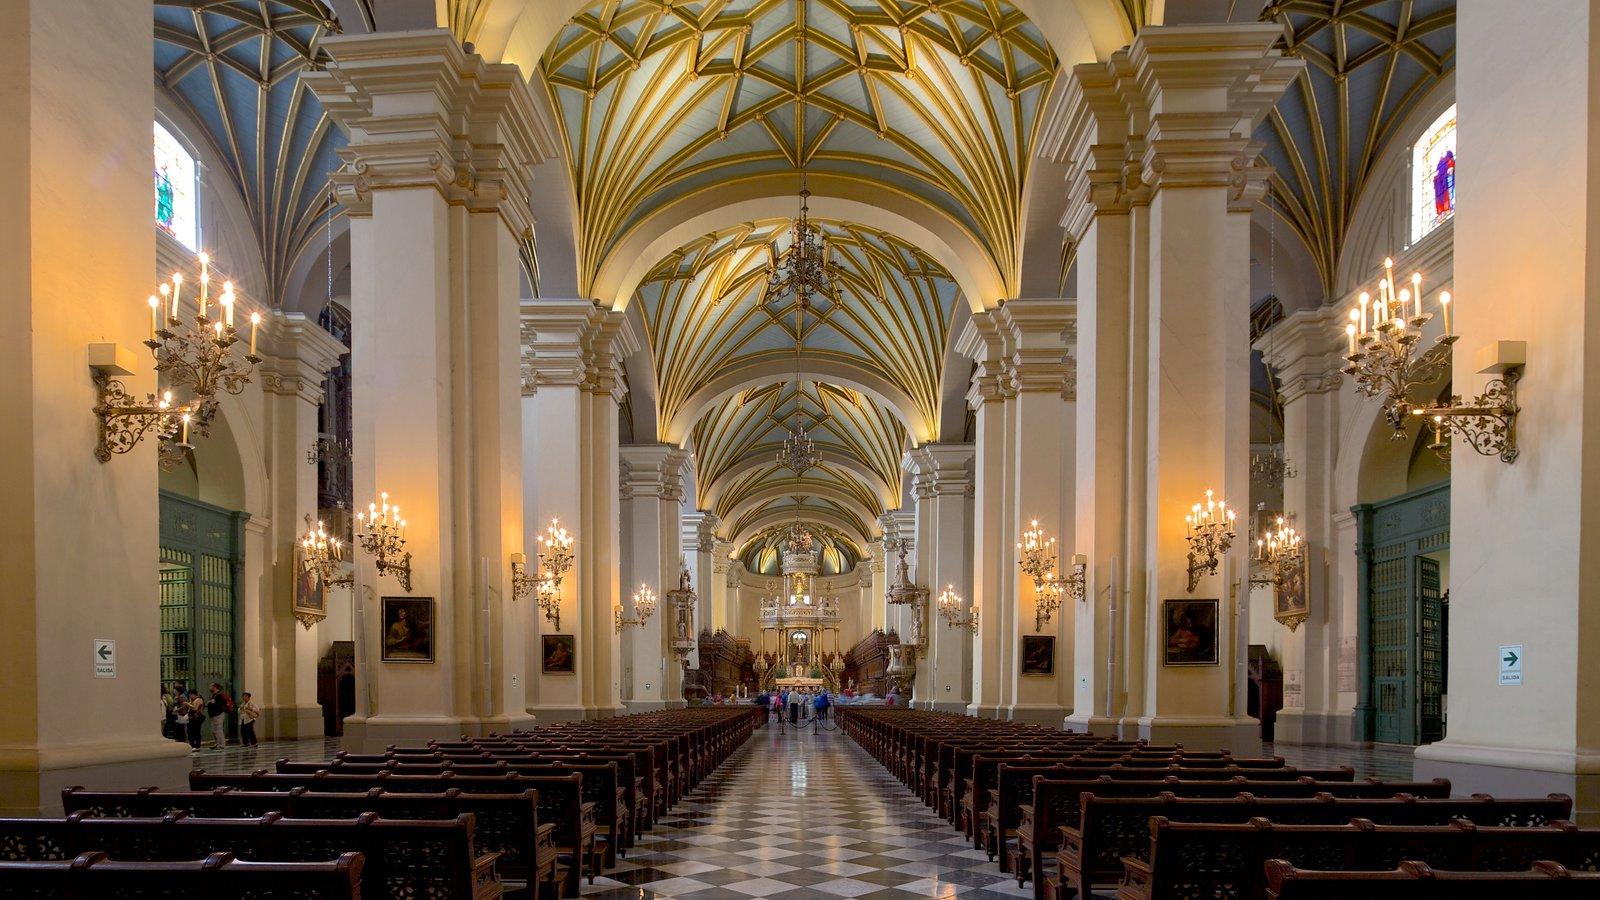 Lima caracterizando uma igreja ou catedral, vistas internas e aspectos religiosos